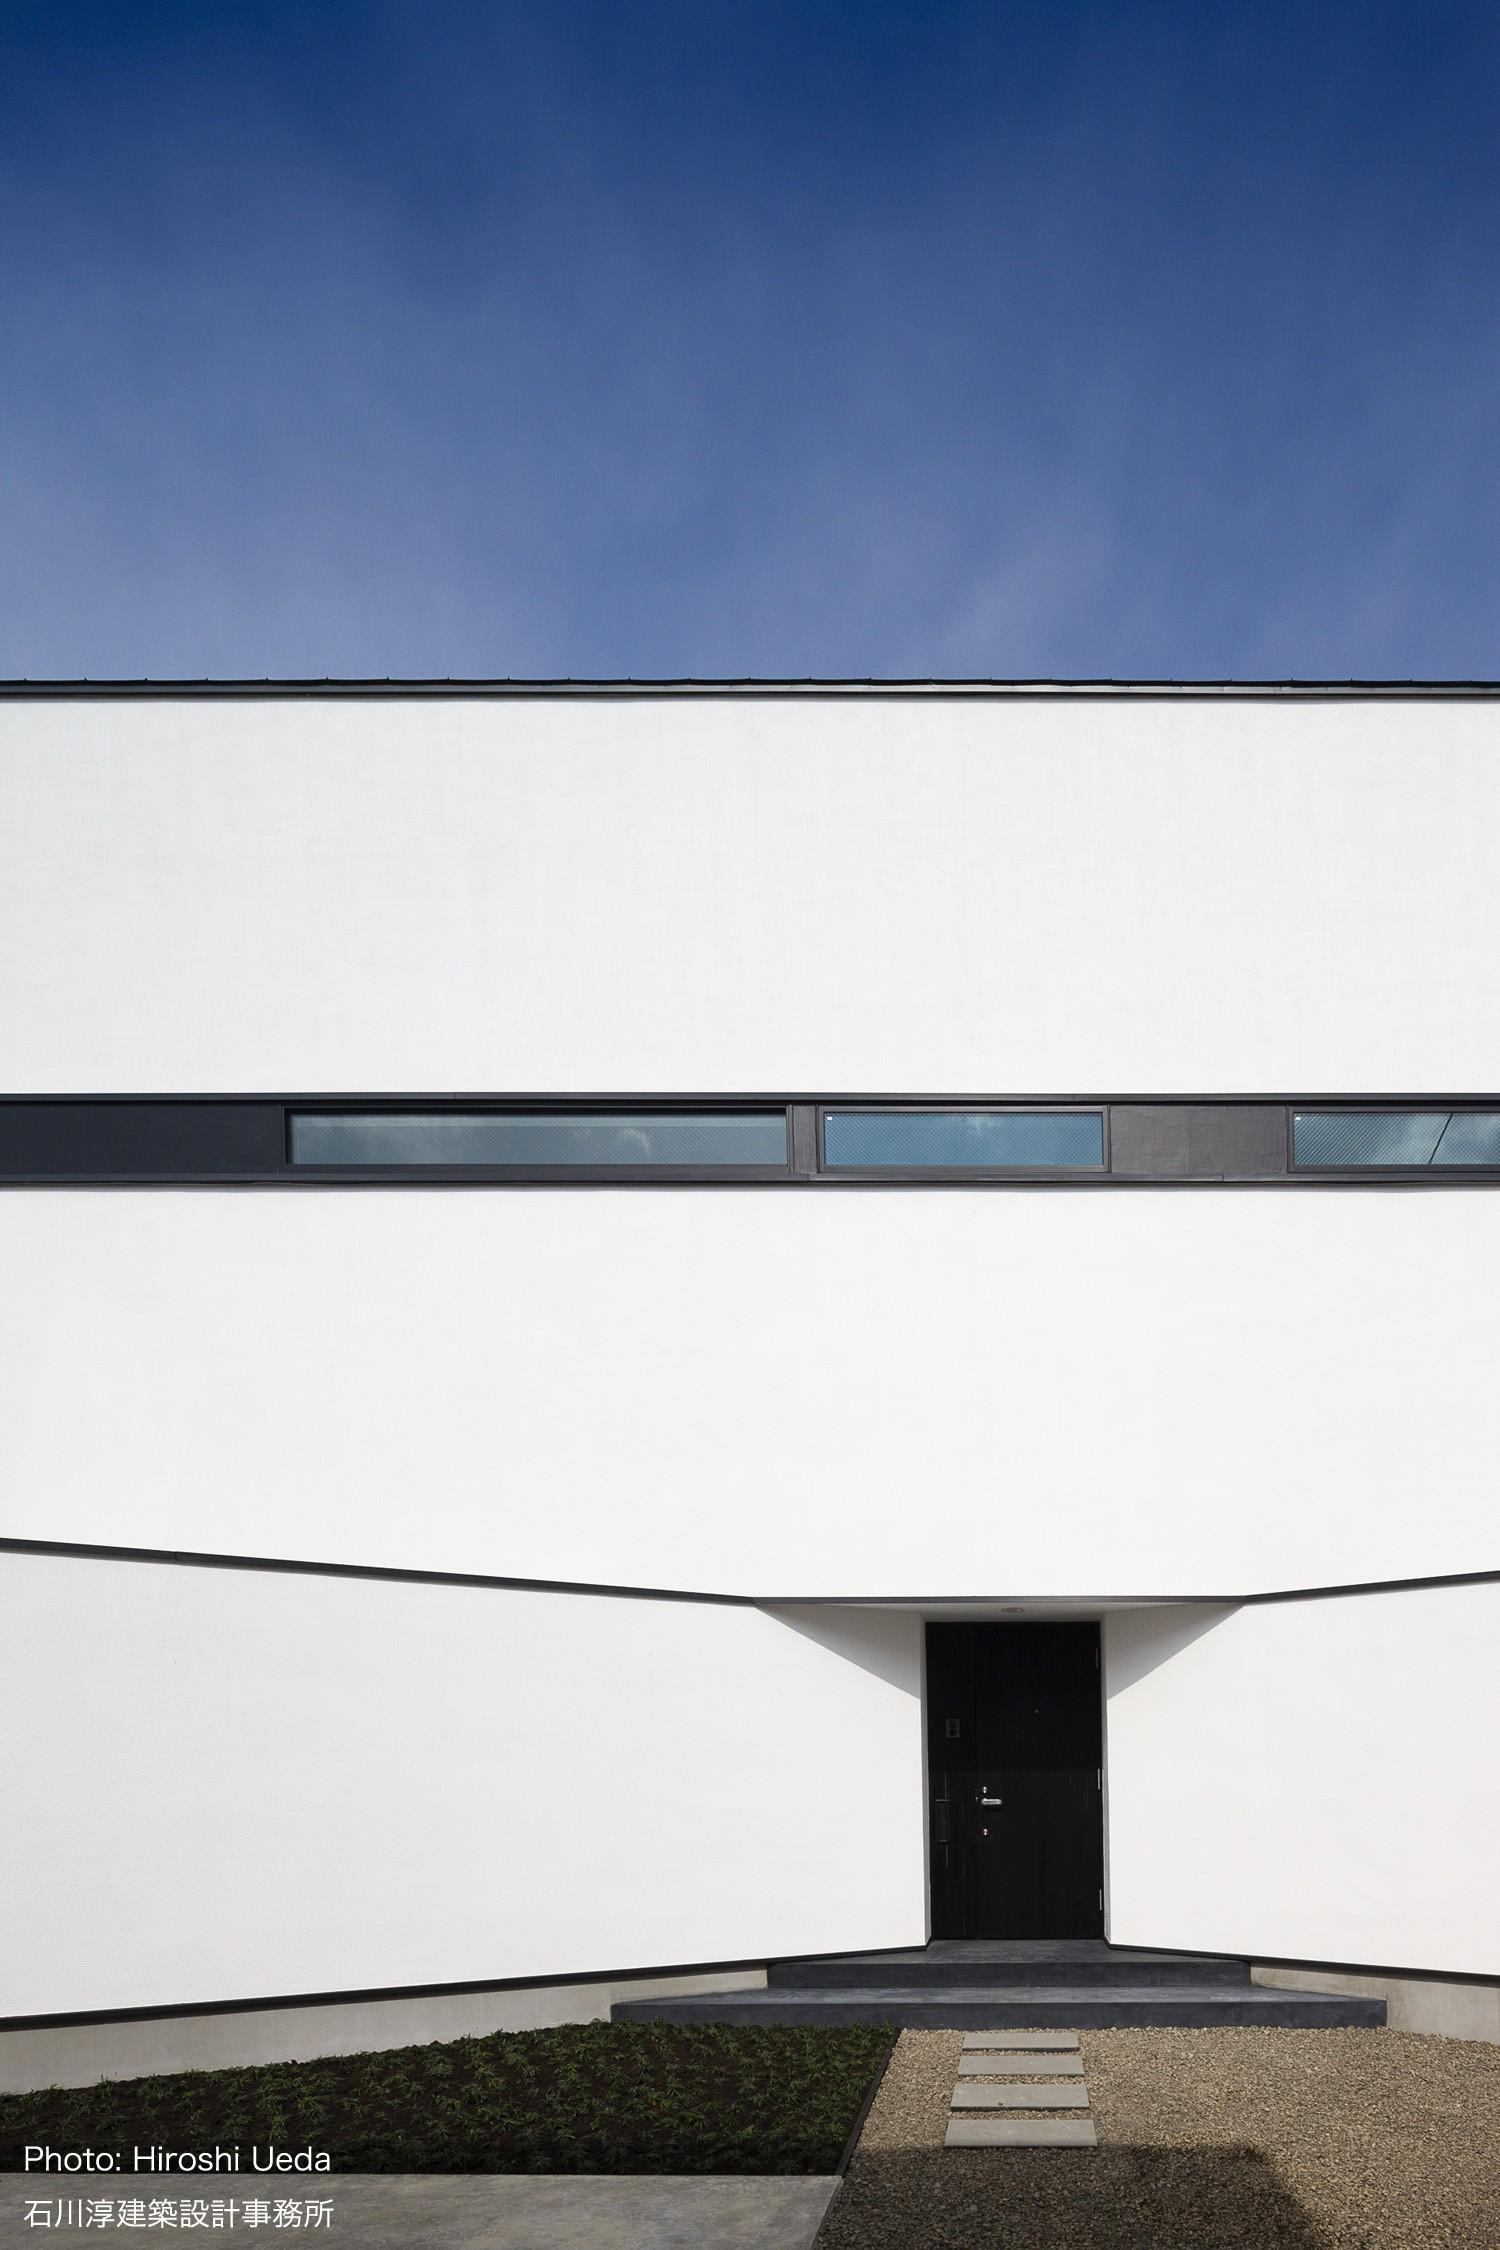 外観事例:福島 屋上バルコニーのある家 ハコノオウチ06(デザイン住宅外観いろいろ)